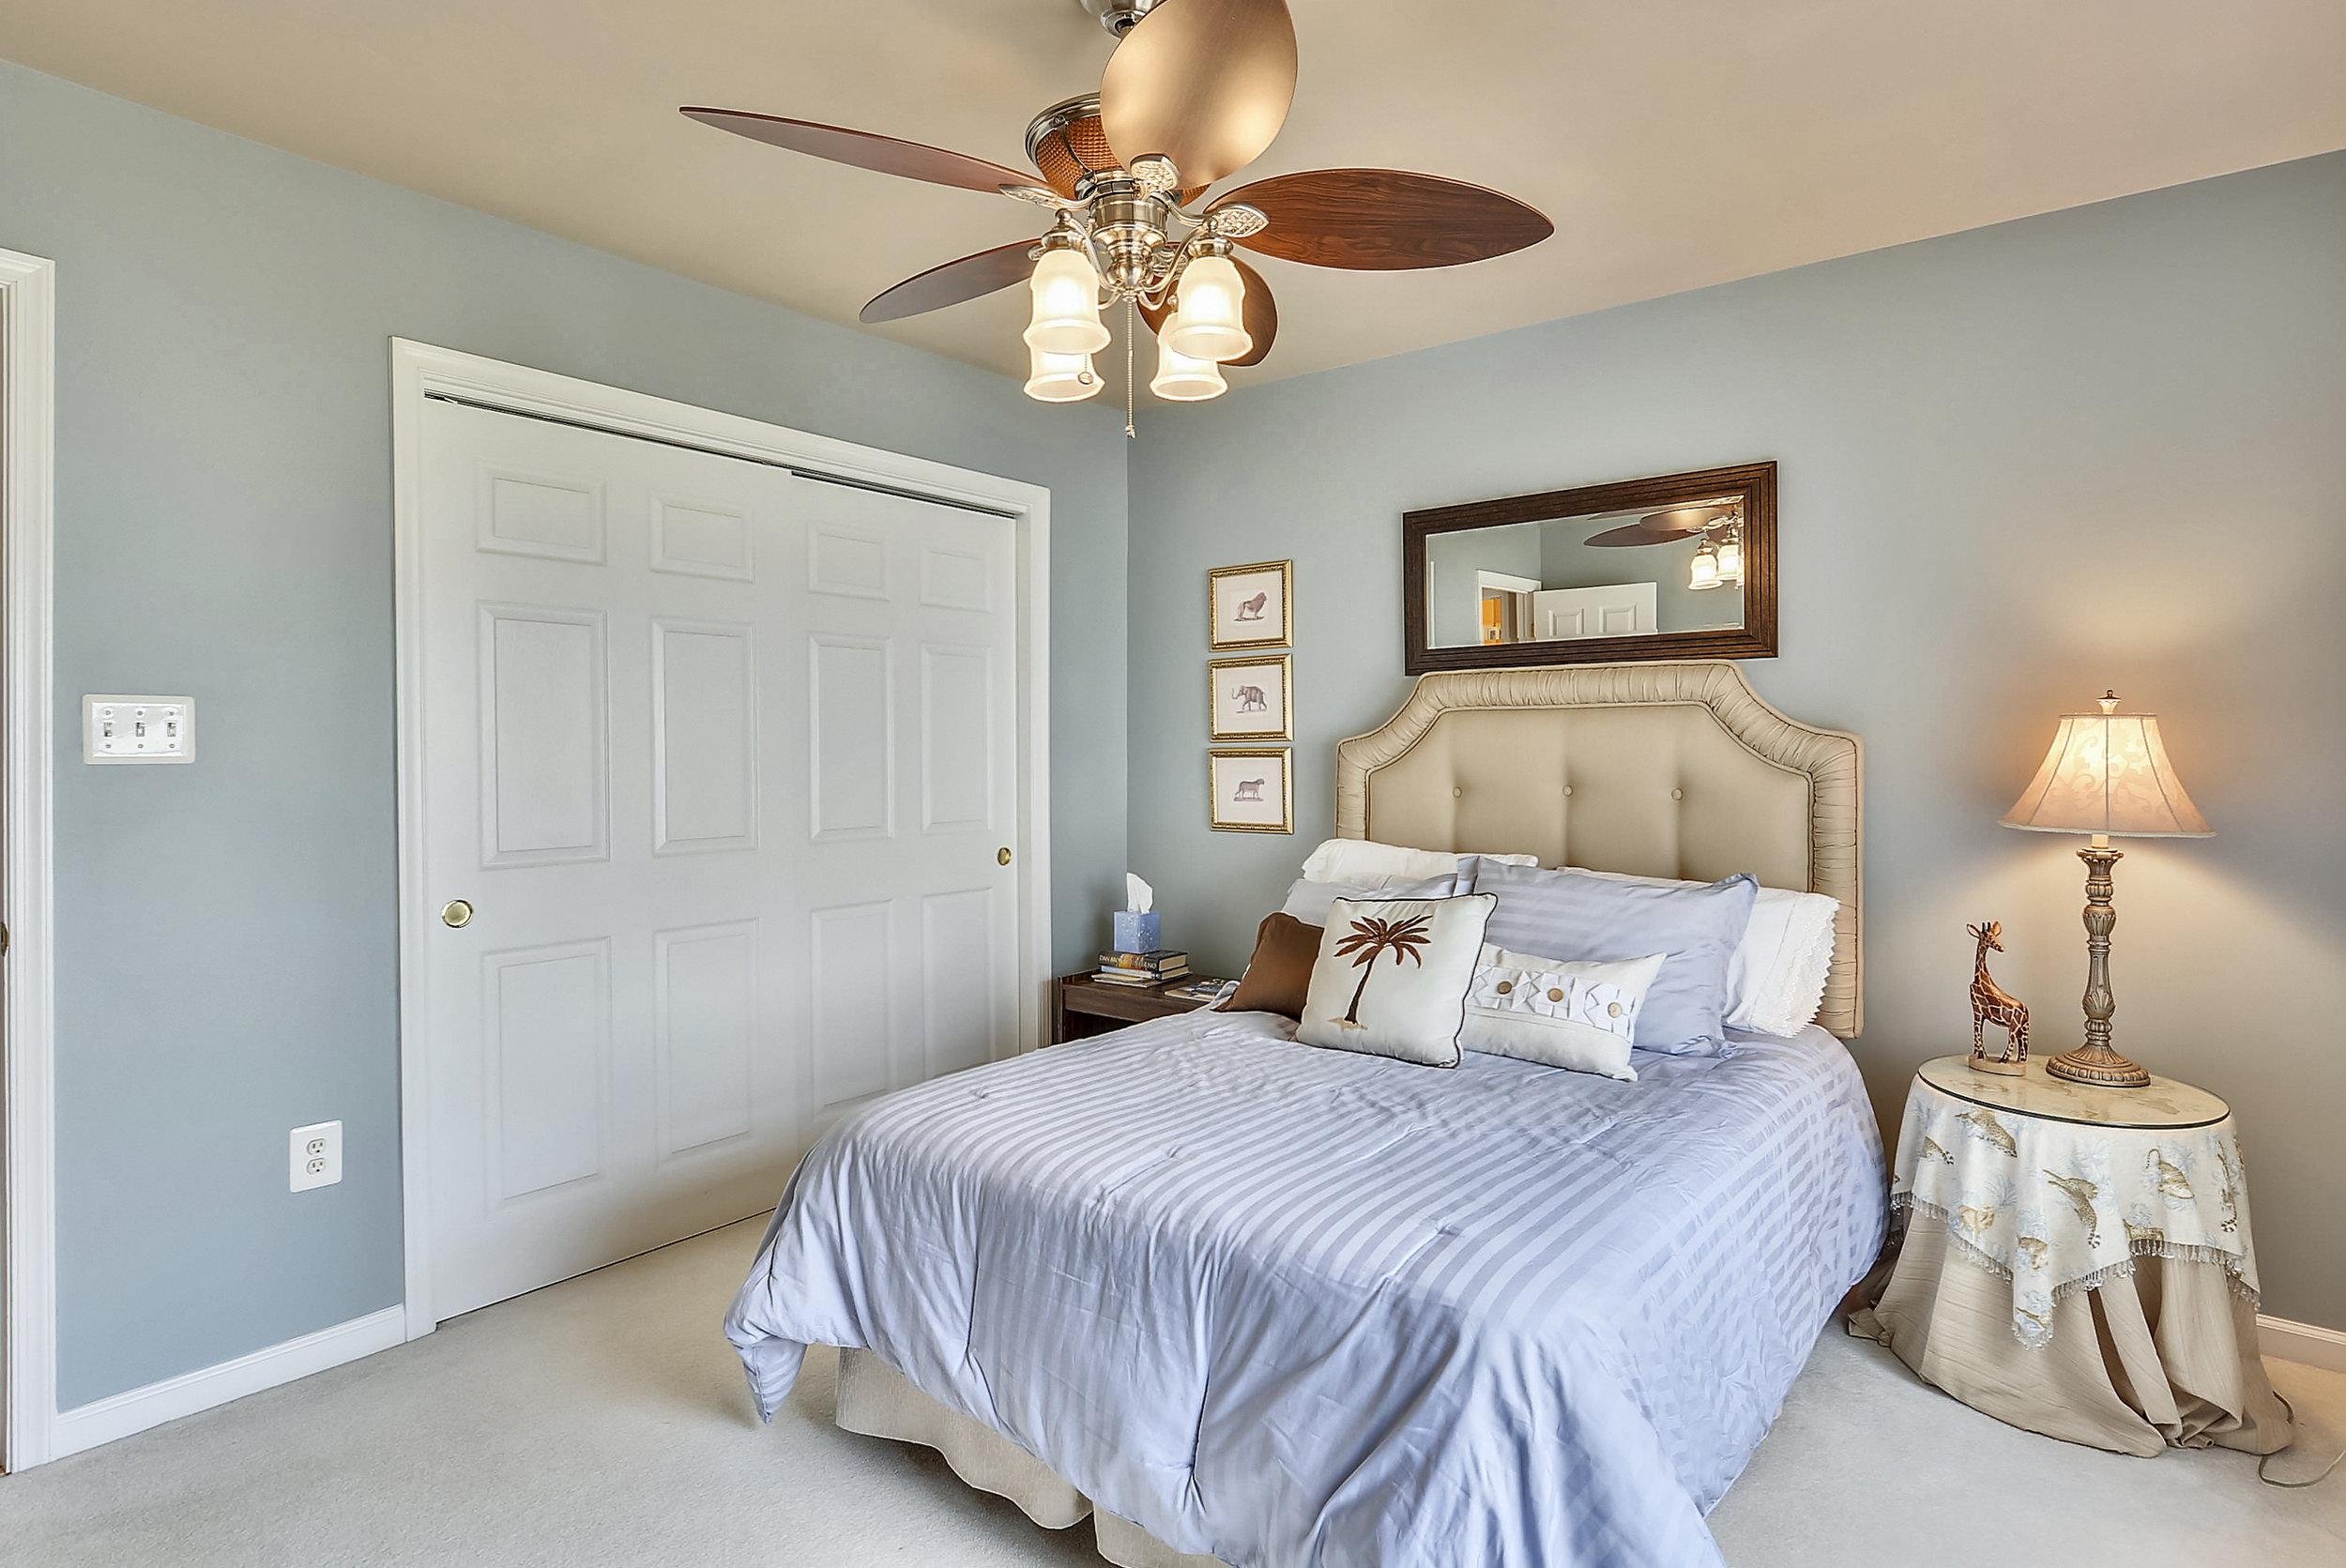 Upper Level 1-Bedroom-_DSC6560.JPG